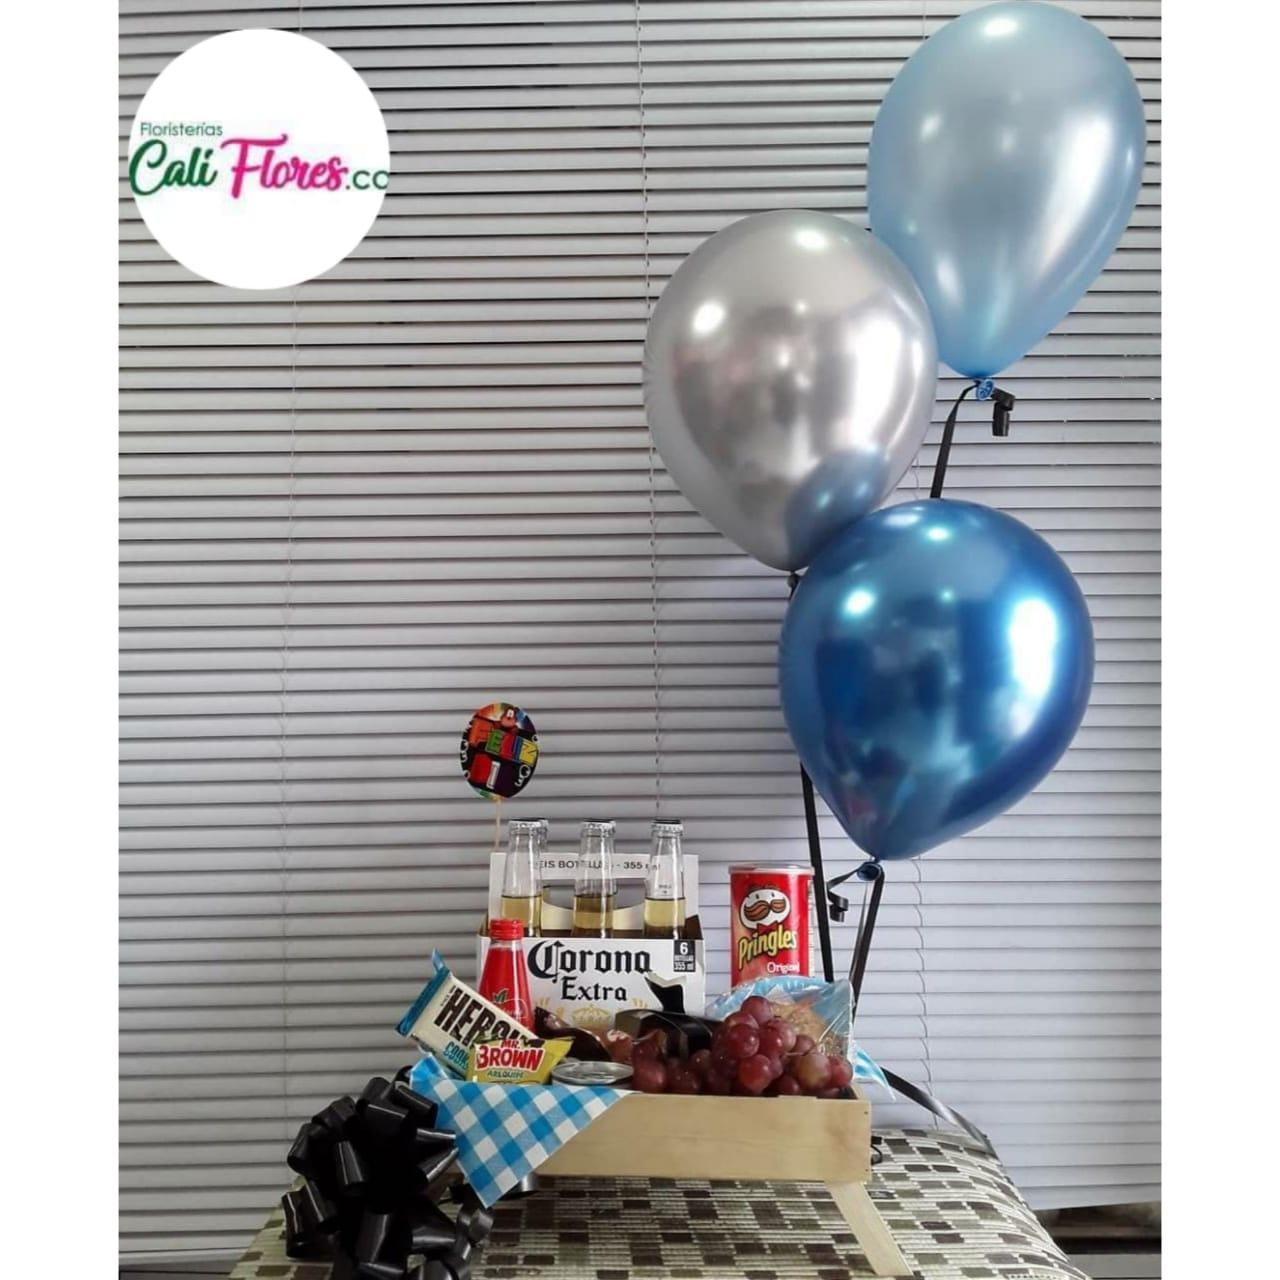 Desayunos Sorpresas - Globos Personalizados- Detalles, Regalos y Arreglos florales económicos Cumpleaños y Fechas especiales Regalos para tu pareja.